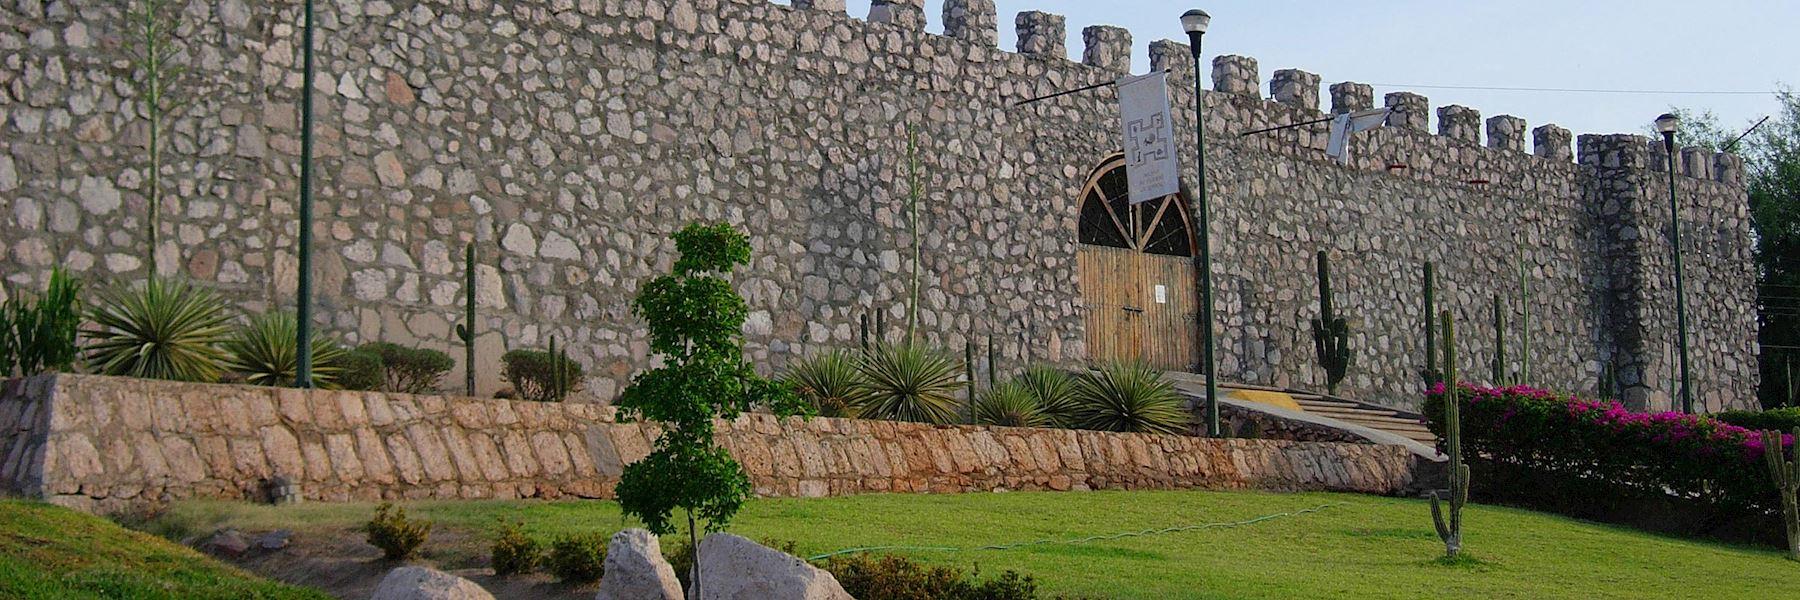 Visit El Fuerte, Mexico